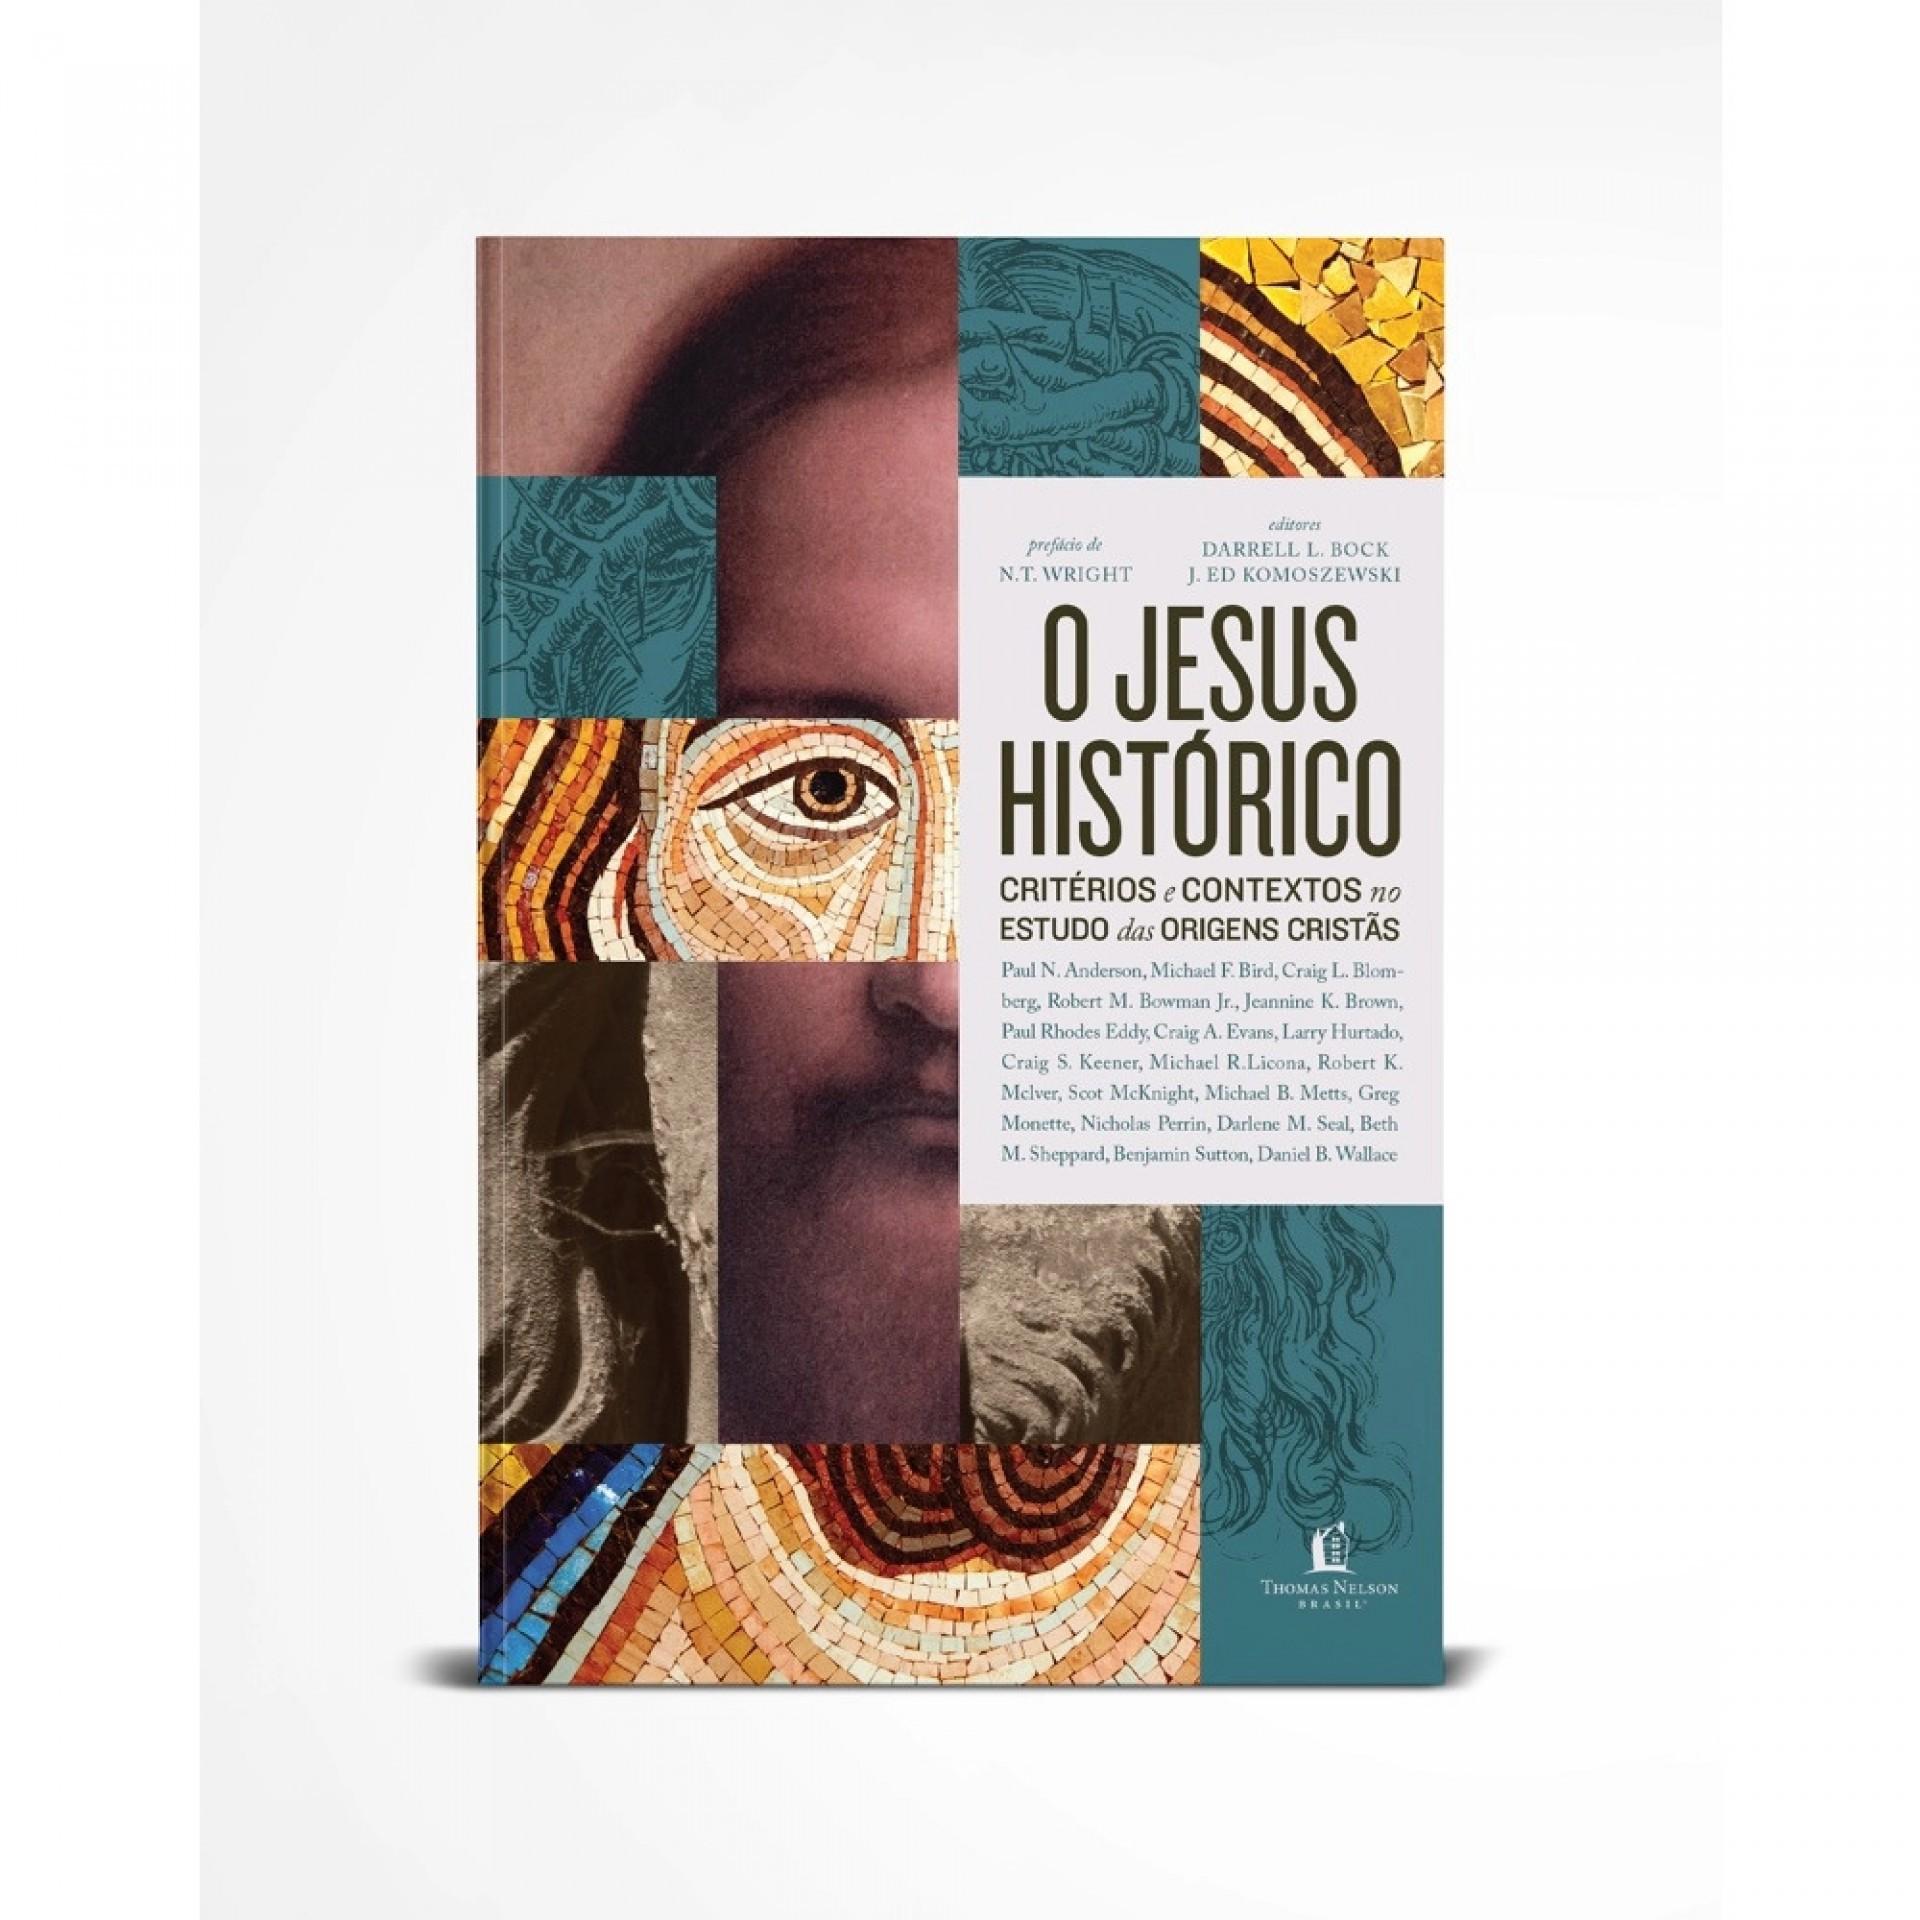 (Foto: Divulgação)JESUS HISTÓRICO: CRITÉRIOS E CONTEXTOS NO ESTUDOS DAS ORIGENS CRISTÃS, de Thomas Nelson